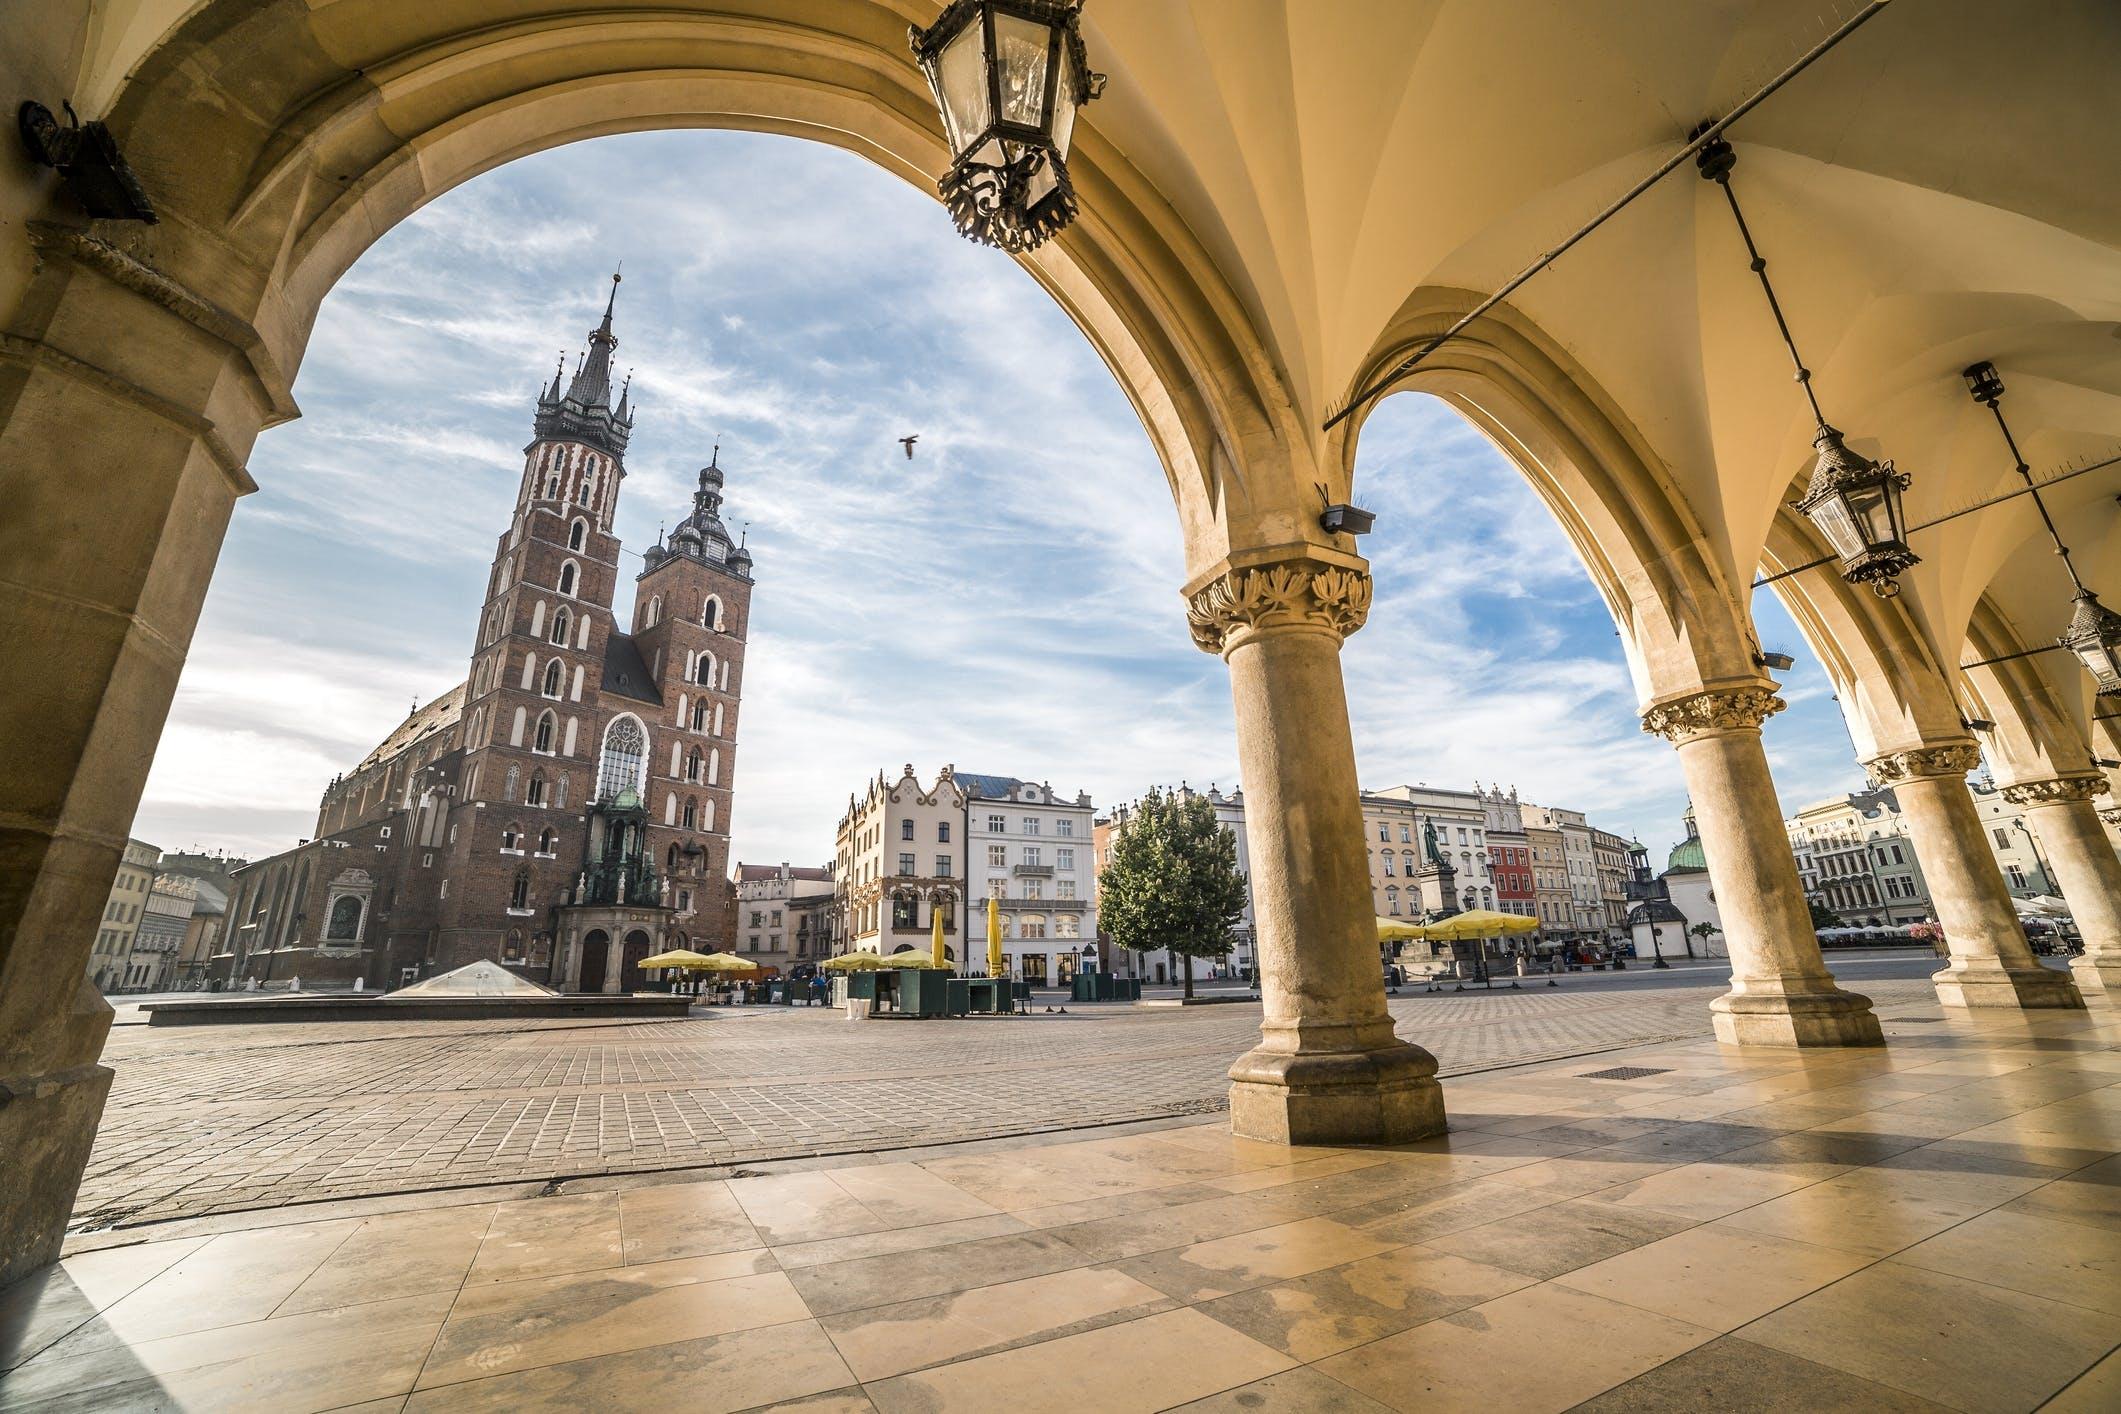 Ver la ciudad,Ver la ciudad,Ver la ciudad,Tours históricos y culturales,Tours históricos y culturales,Barrio judío: Kazimierz y Podgorze